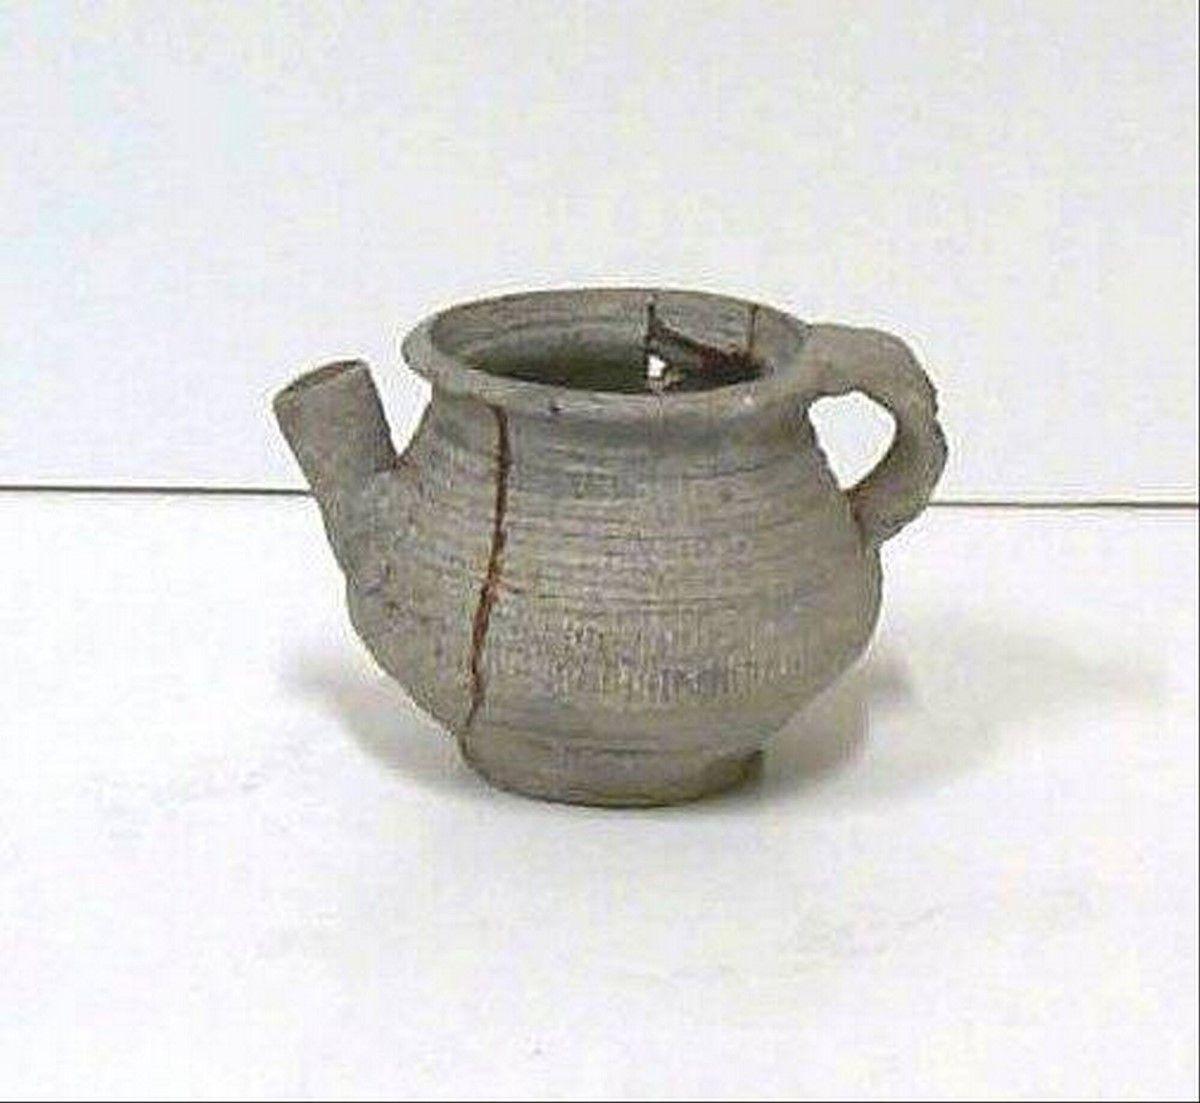 tuitpot, Anoniem, 1200 - 1300 | Museum Boijmans Van Beuningen